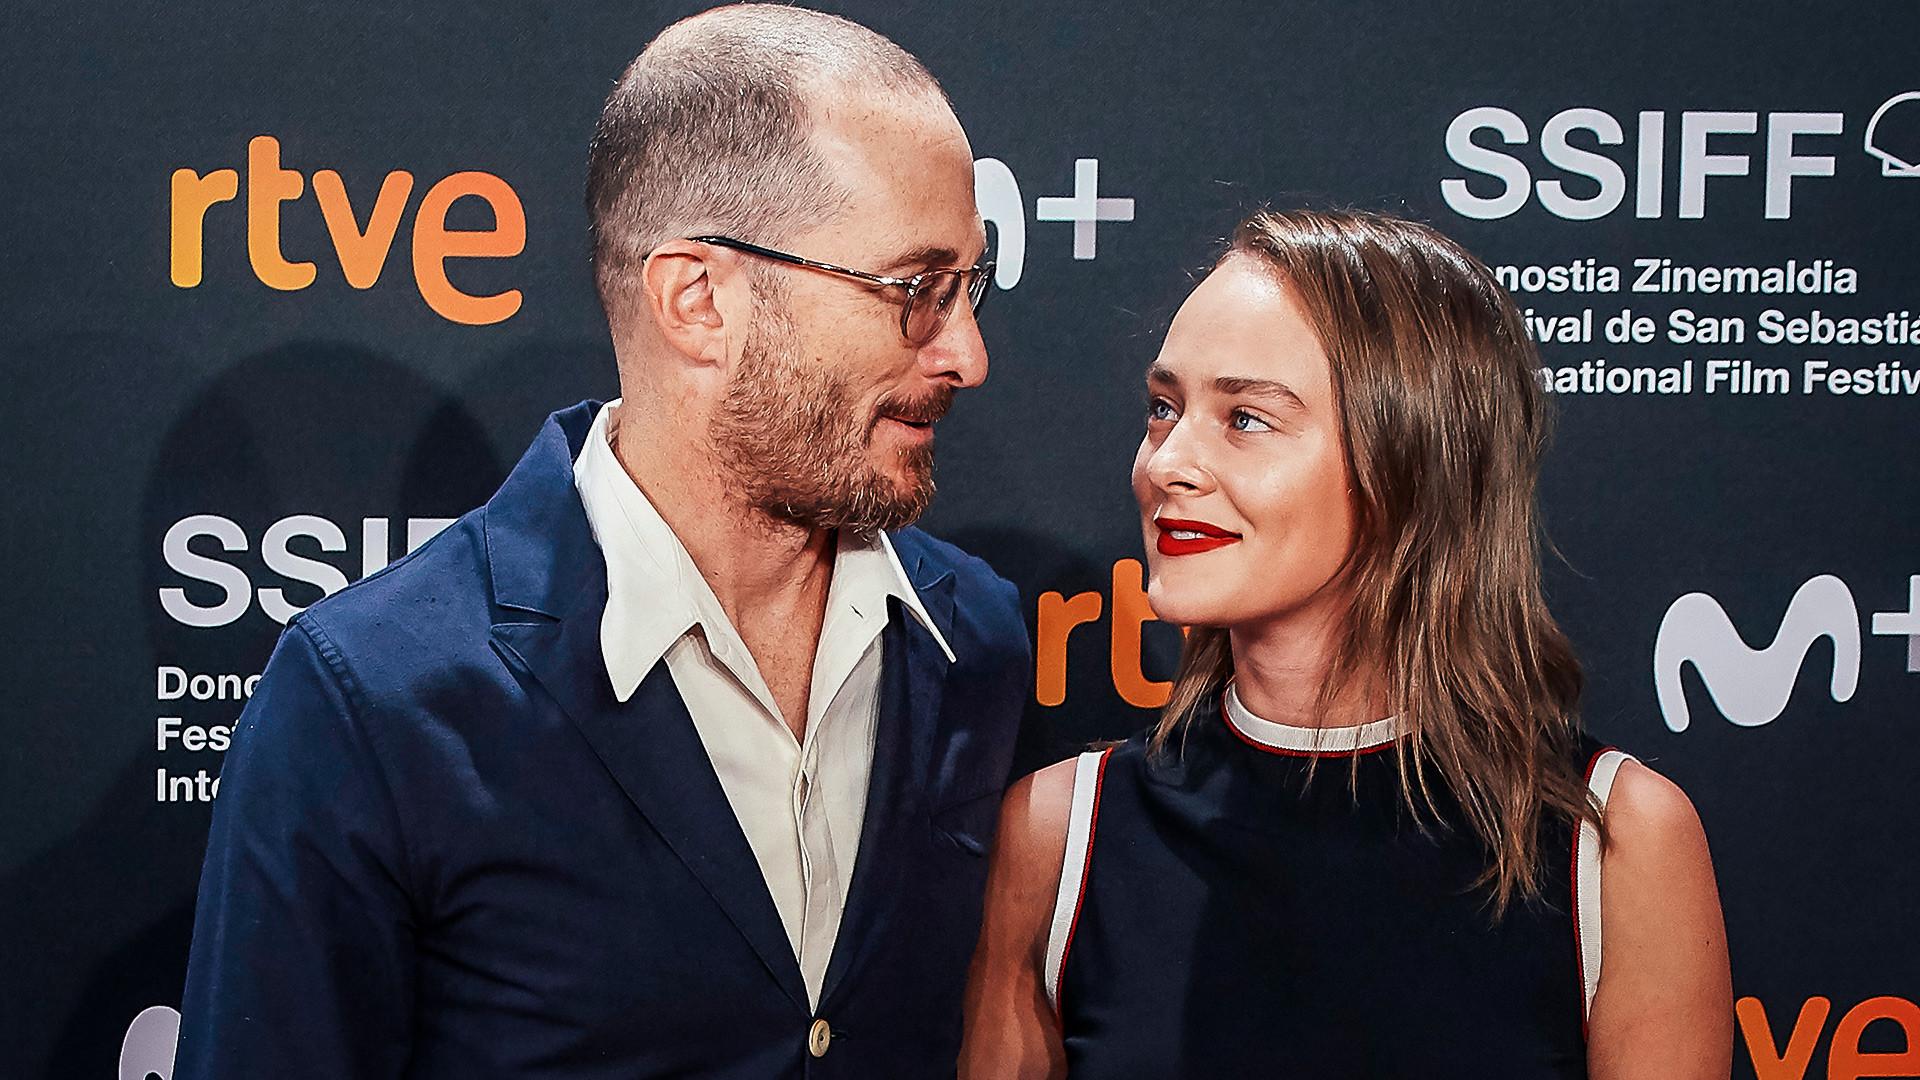 Producent Darren Aronofsky i Aglaja Tarasova na 67. Međunarodnom filmskom festivalu u San Sebastianu, 24. rujna 2019.